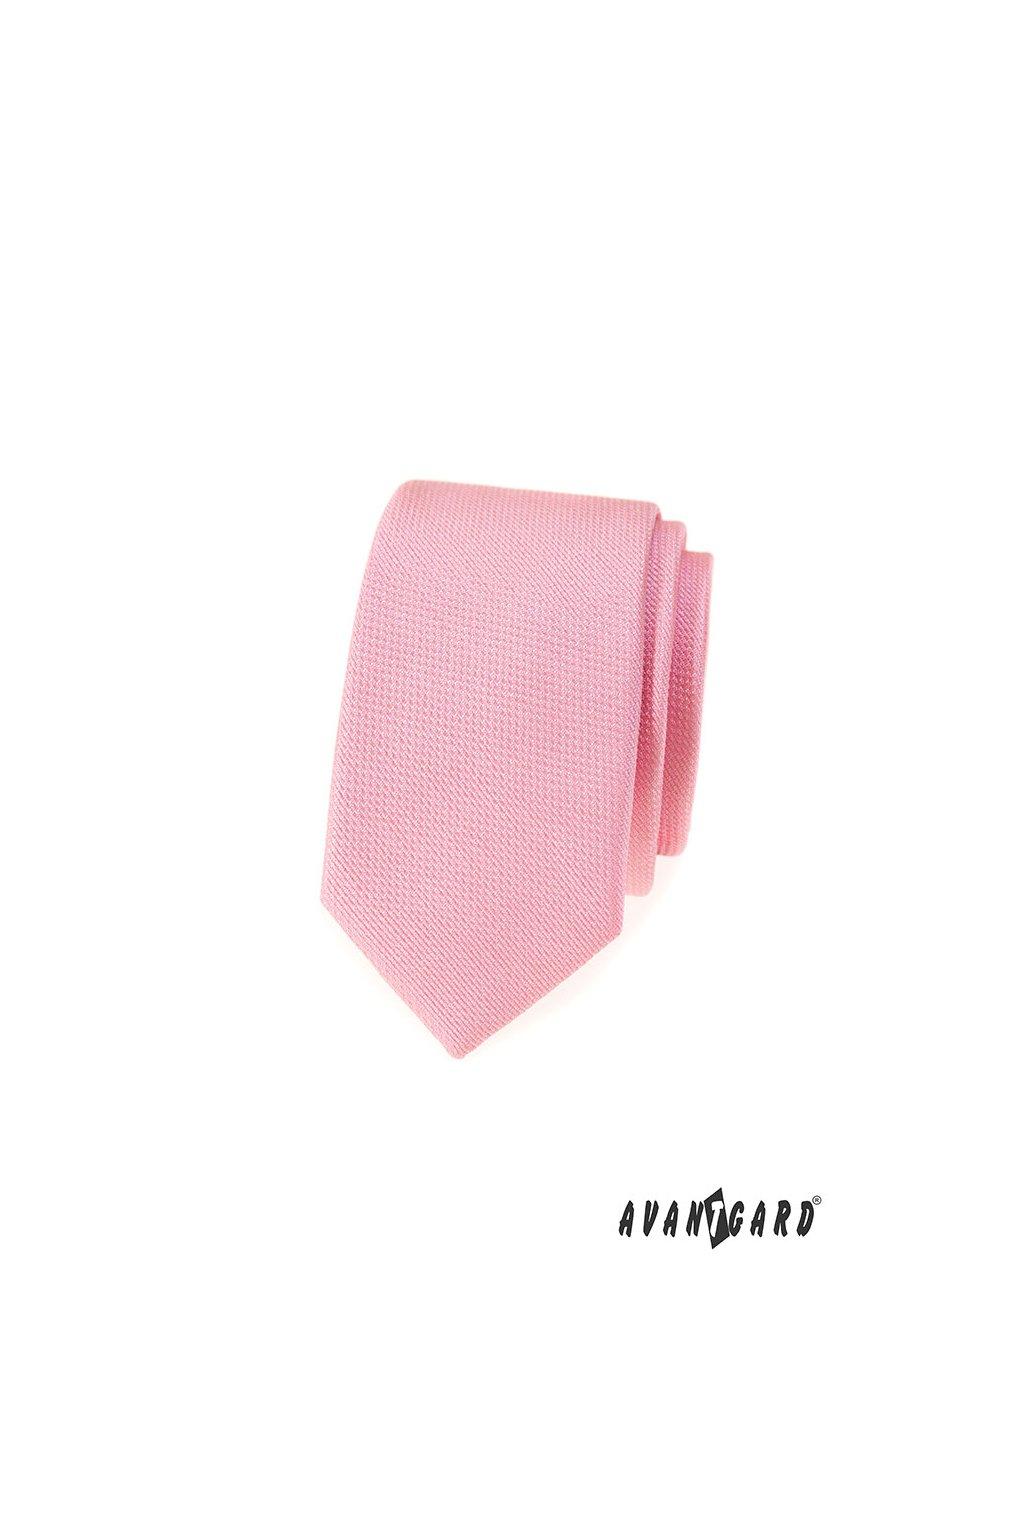 Kravata SLIM AVANTGARD LUX růžová 571 - 81281